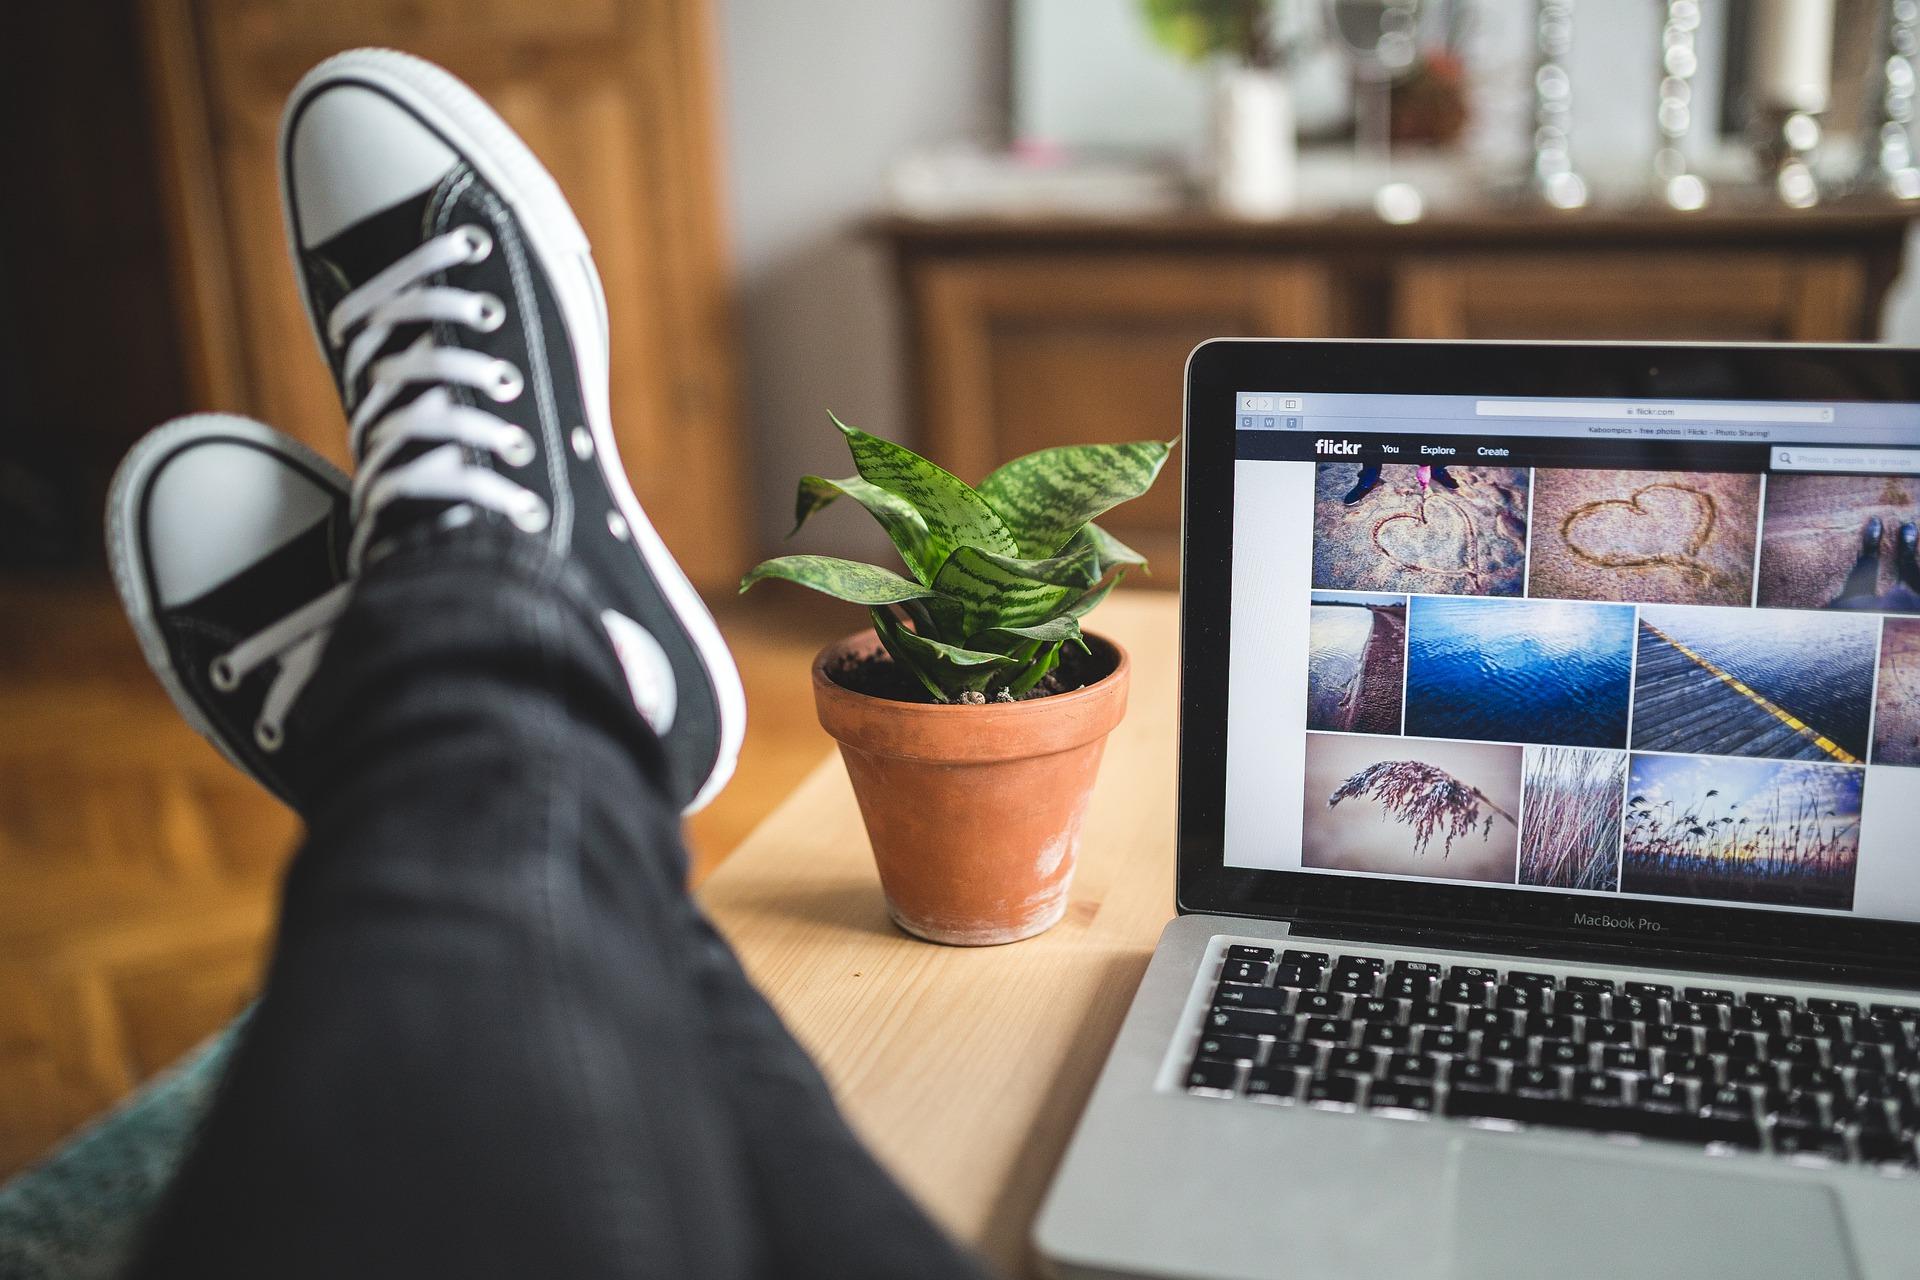 ¿Quieres ser freelancer? Fric Martínez te da todos los tips